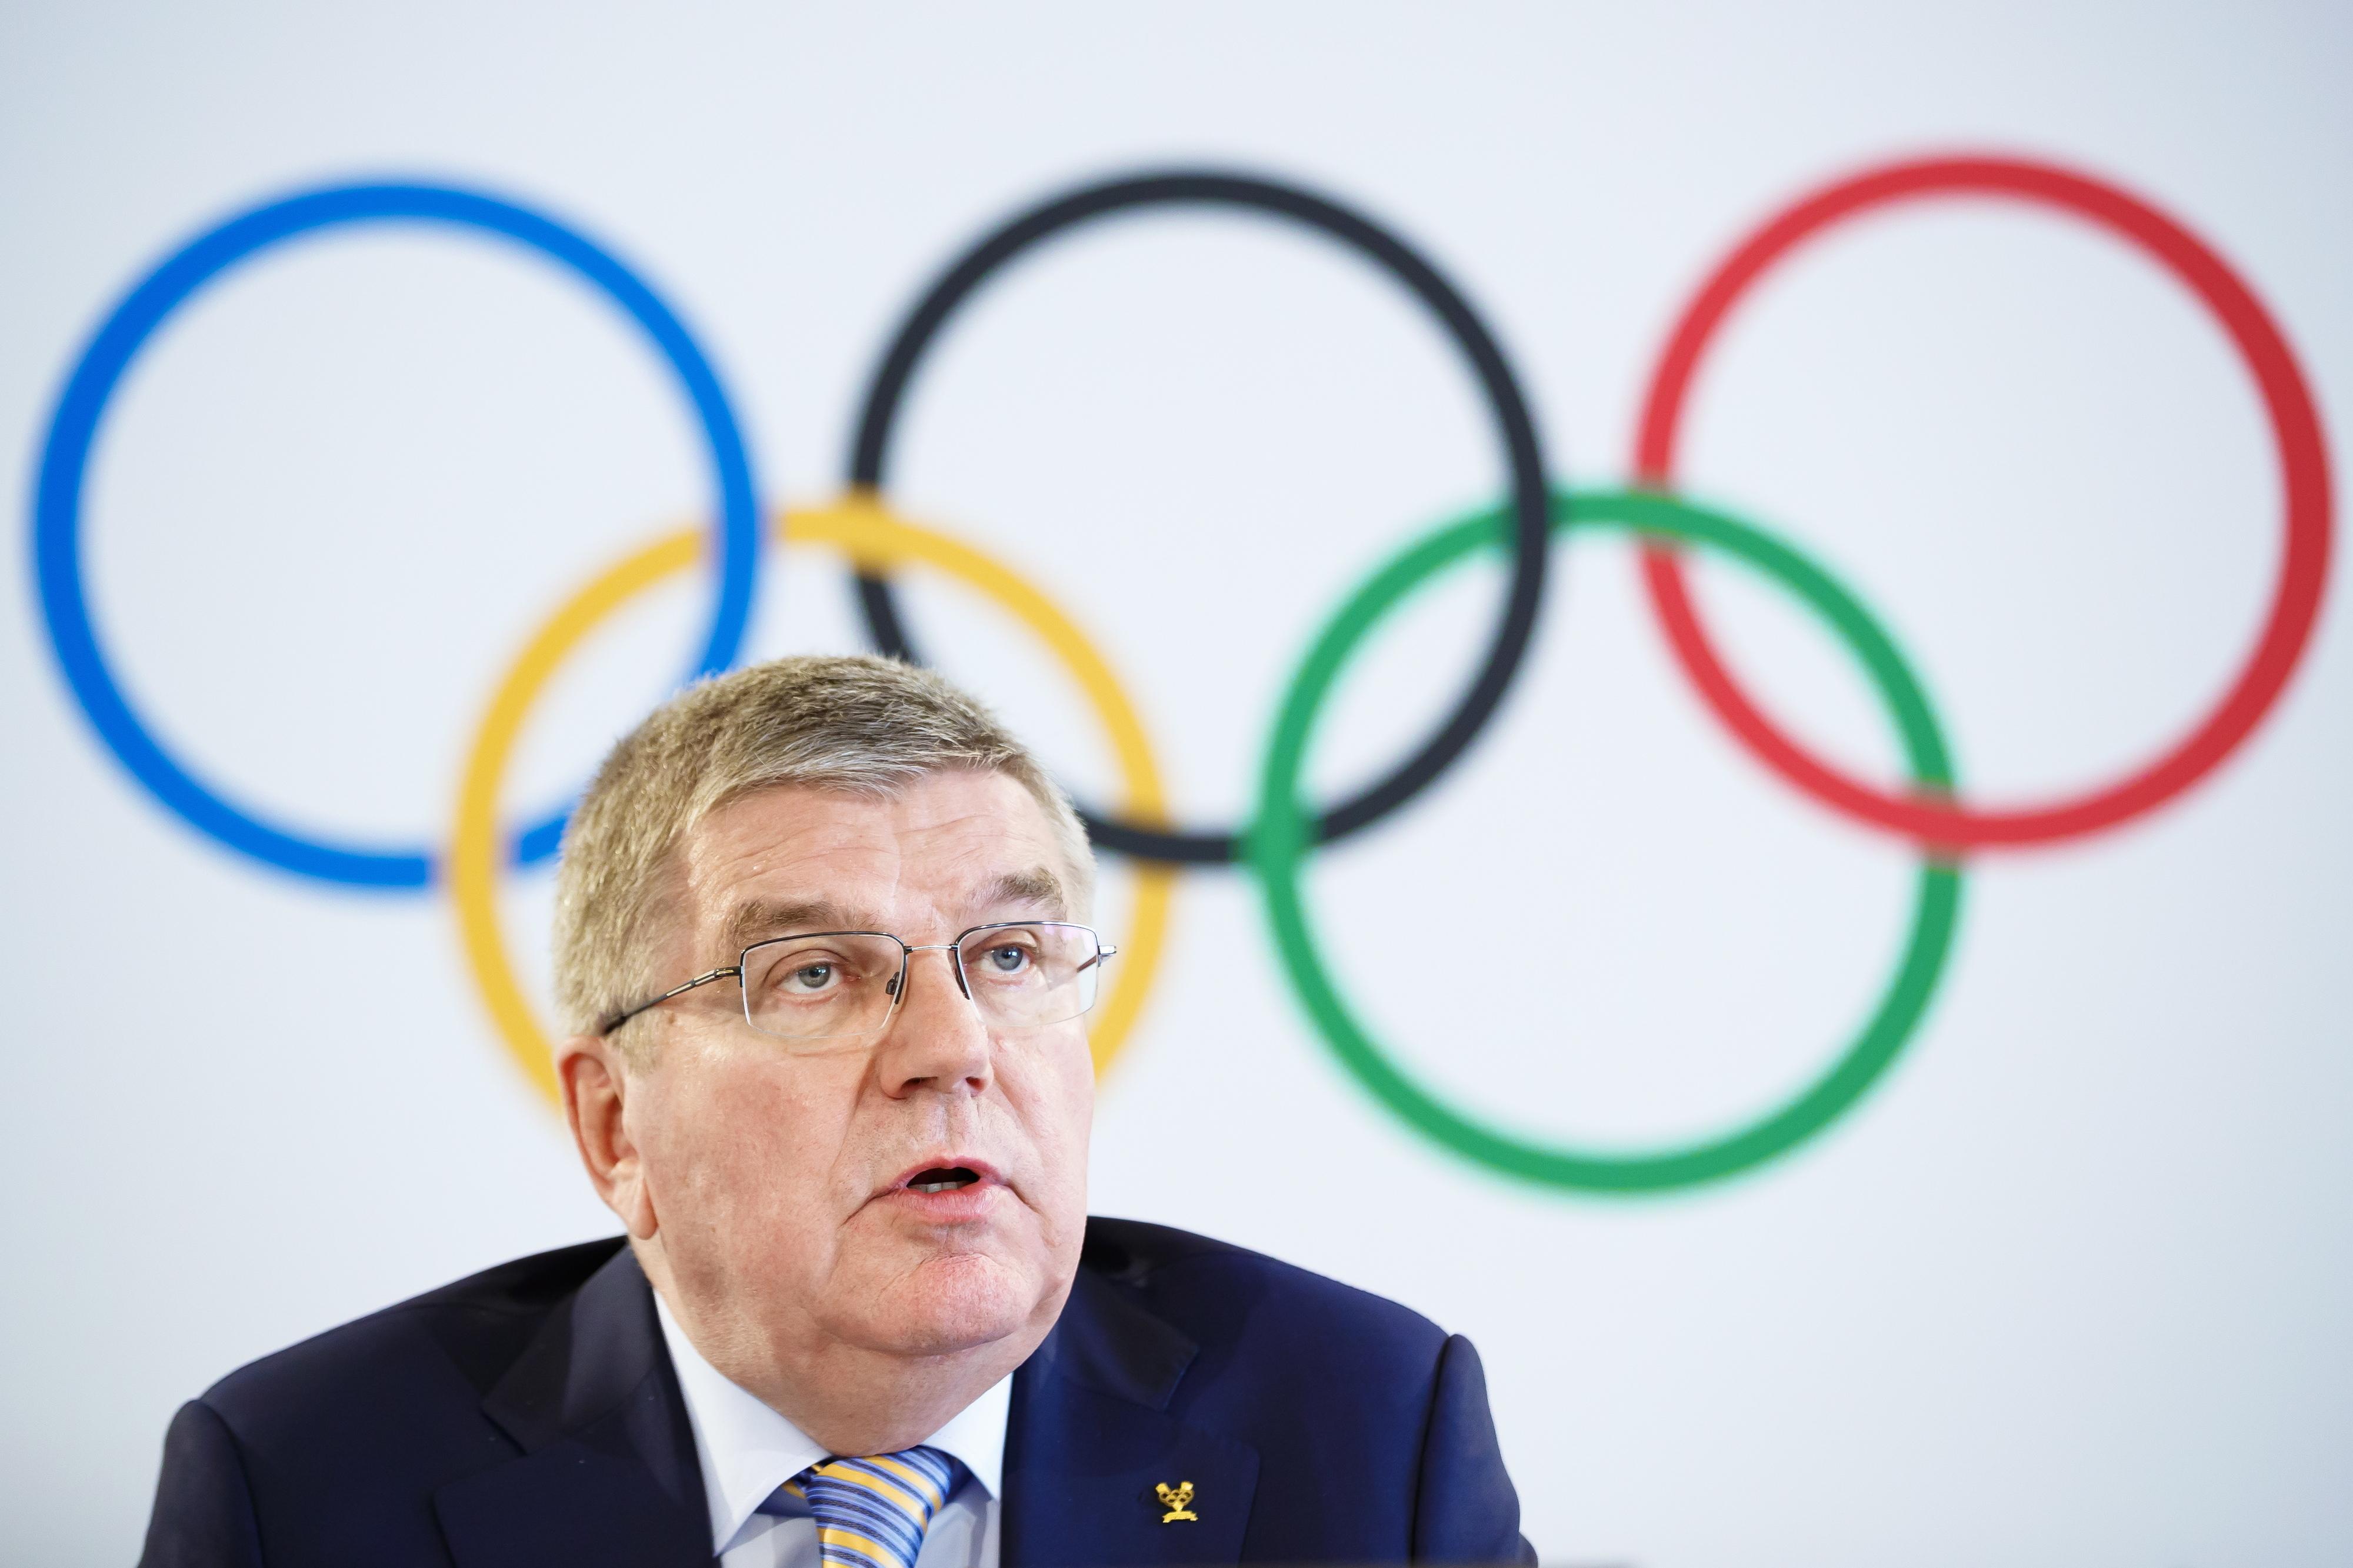 COVID-19: Presidente do Comité Olímpico Internacional destaca resistência no Dia do Desporto